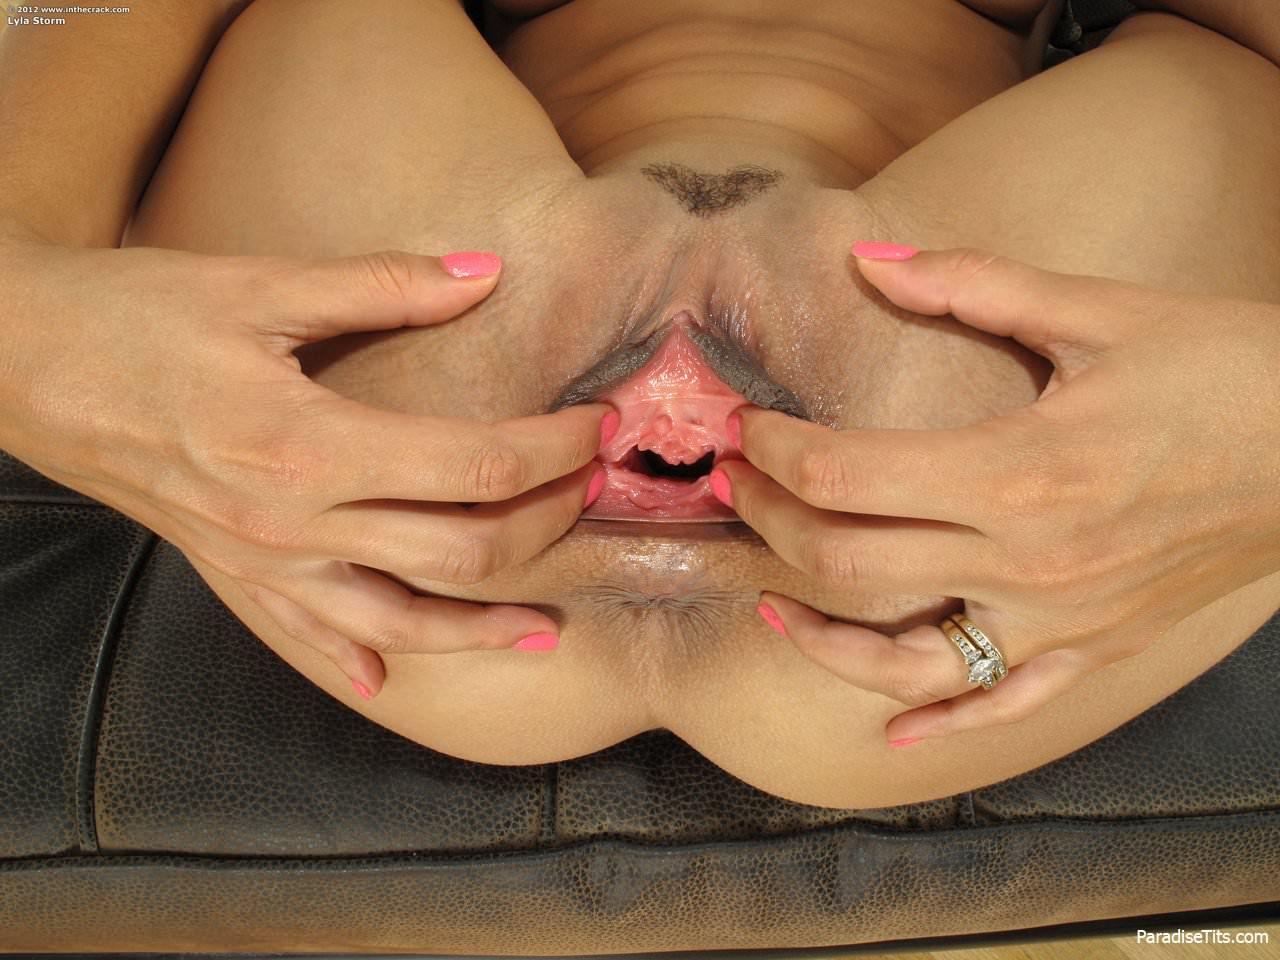 лисьей пизда фото проститутки крупным планом незагорелым